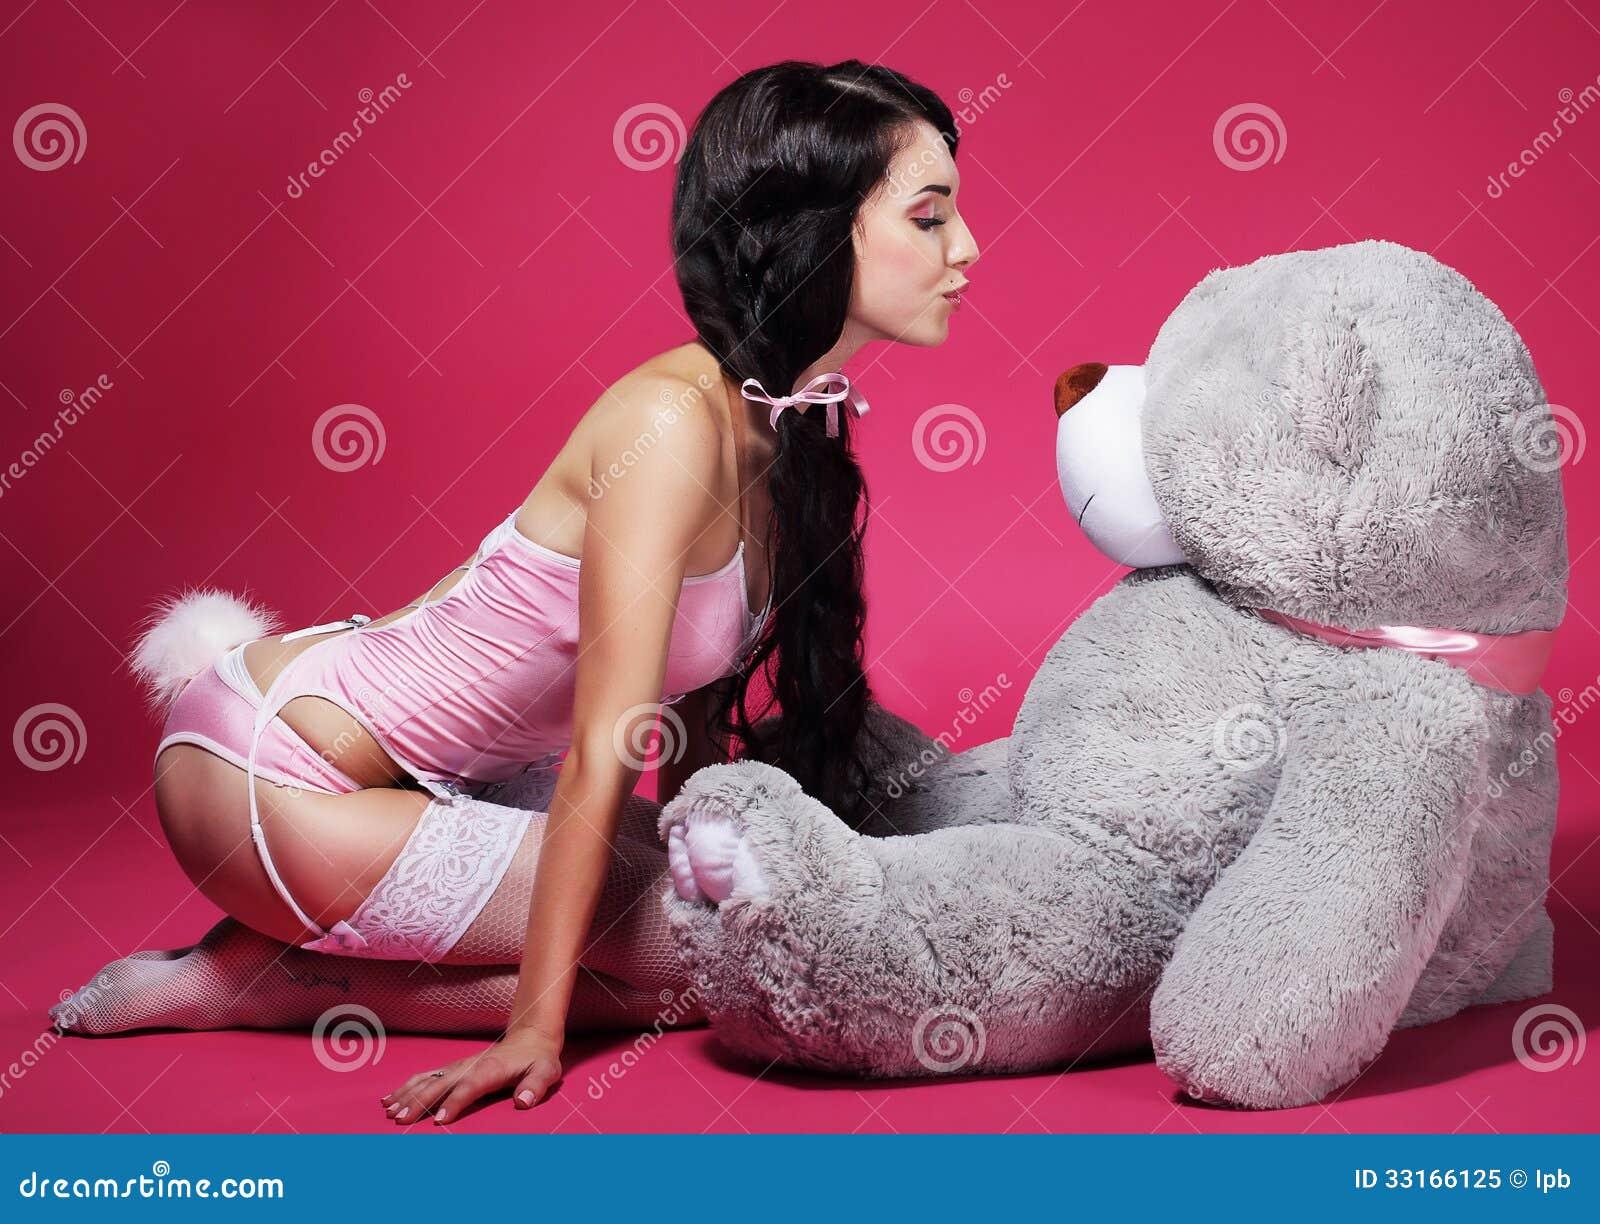 Секс с плюшевыми мишками 16 фотография